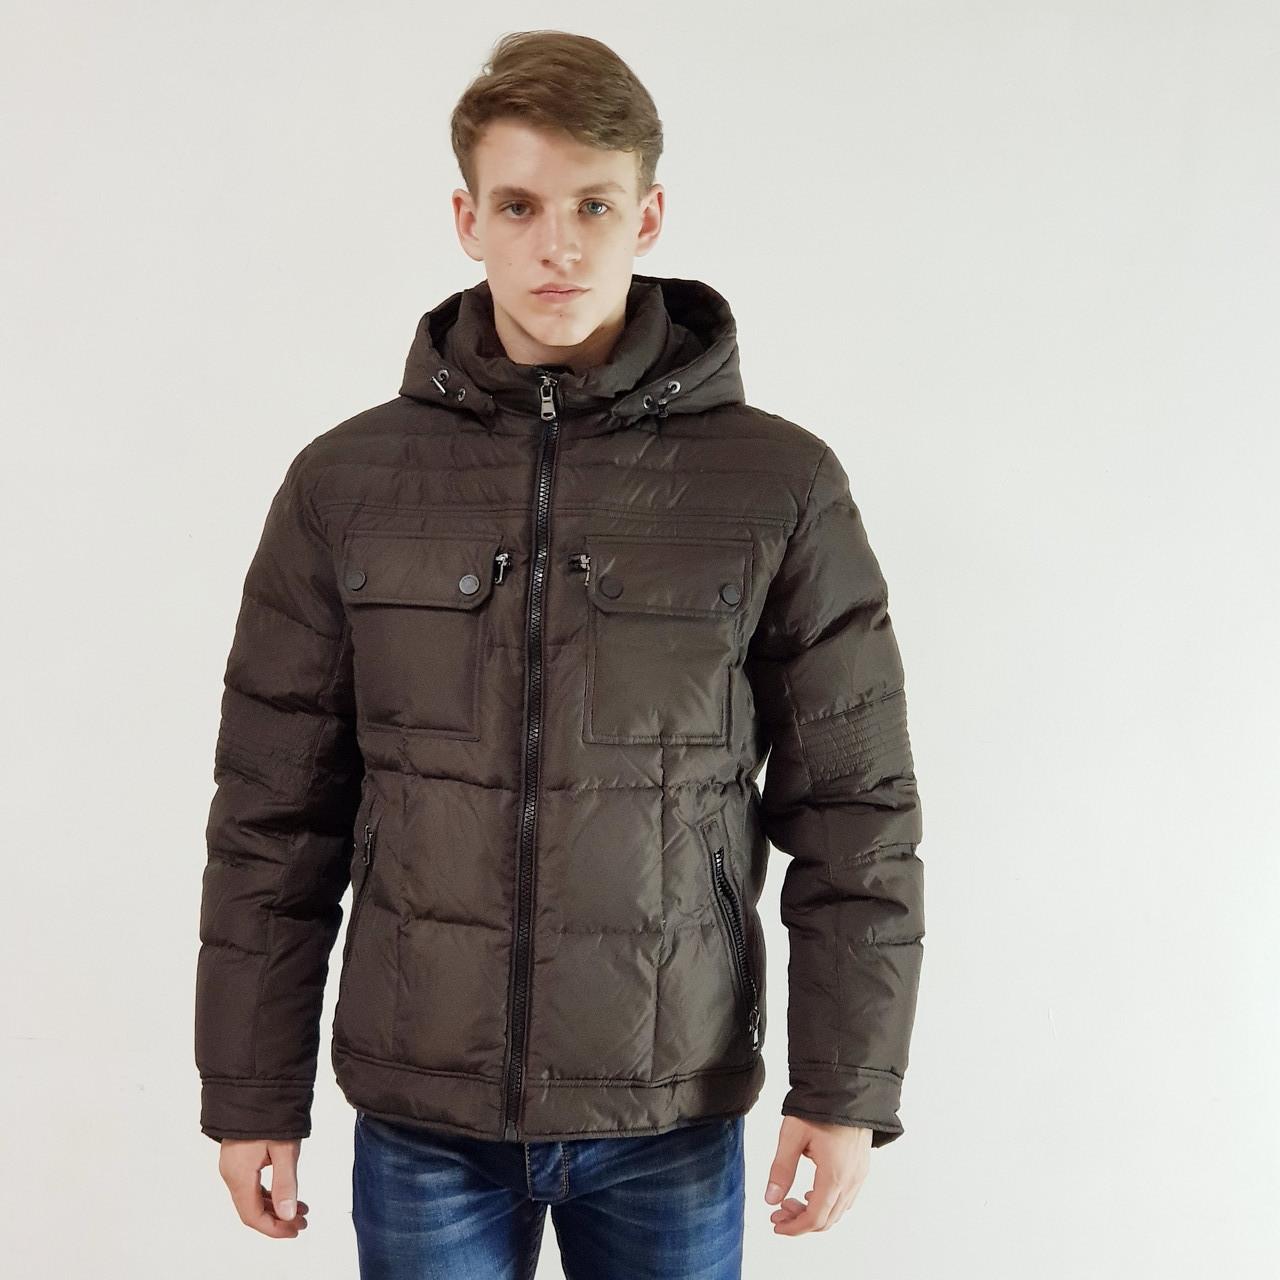 Куртка мужская зимняя Snowimage с капюшоном 50 коричневый 109A-4195